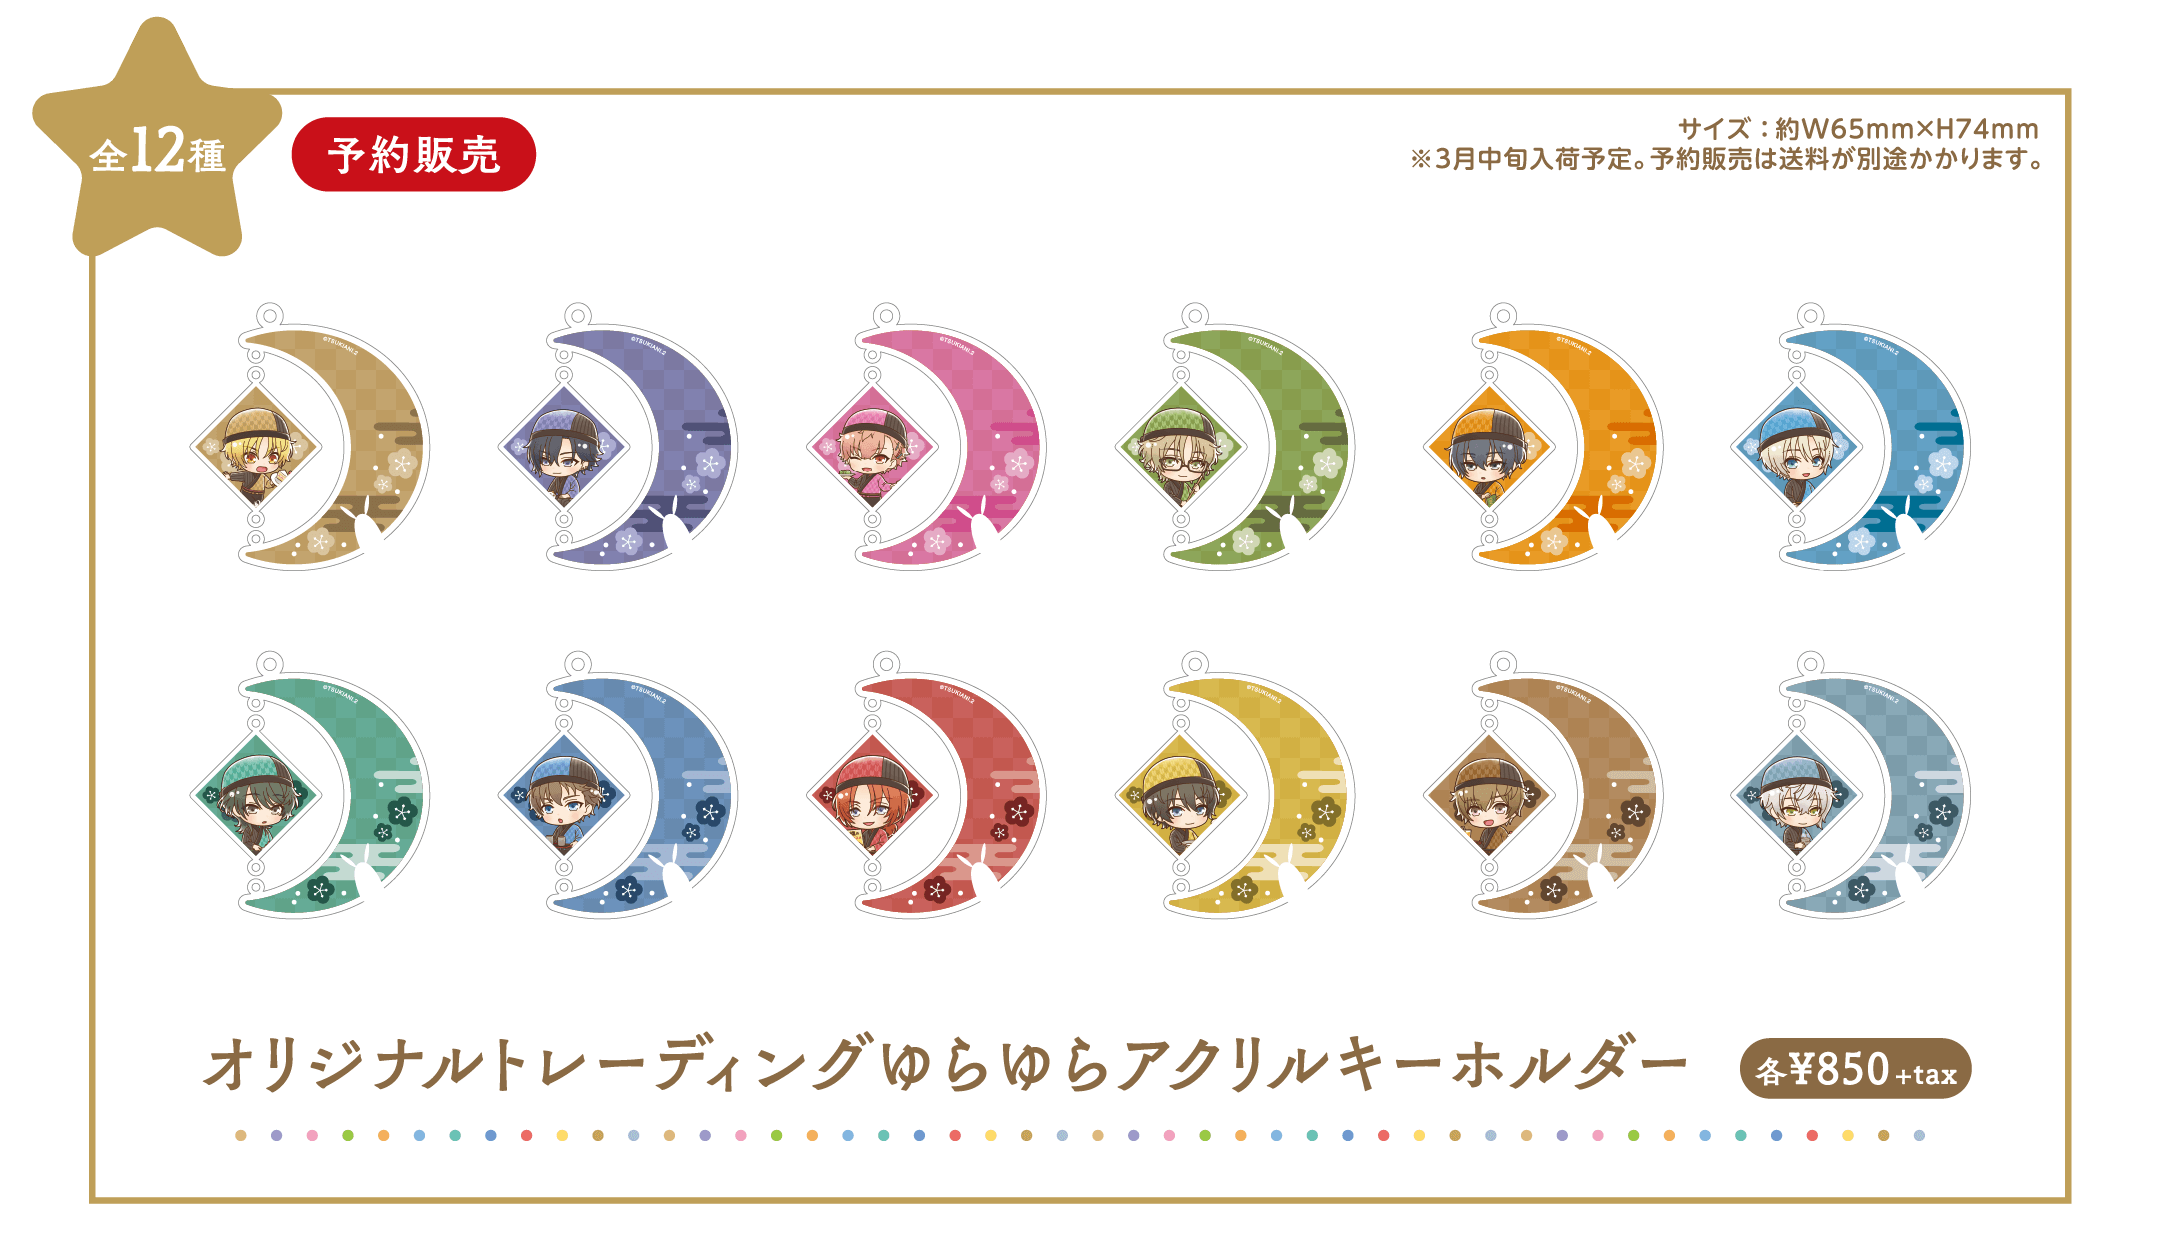 TVアニメ「ツキウタ。THE ANIMATION 2」×「アニぱらCAFE」オリジナルトレーディングゆらゆらアクリルキーホルダー